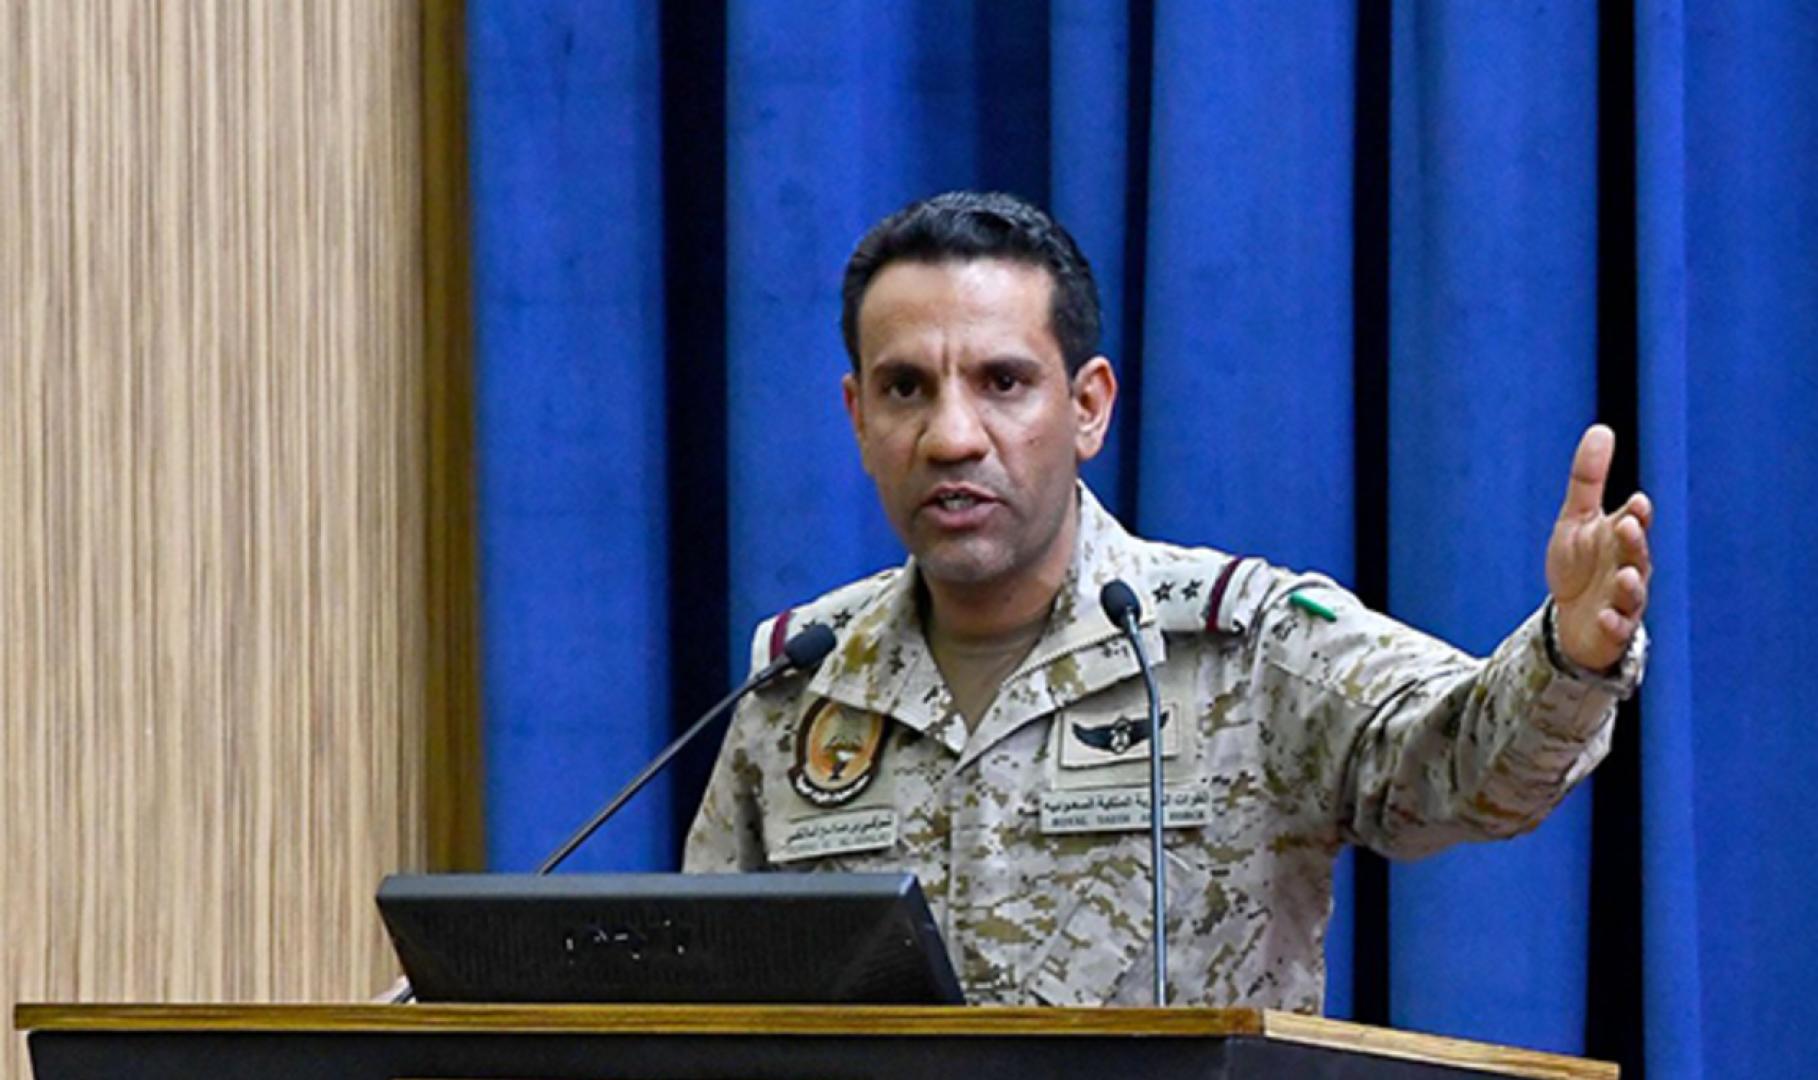 المالكي: نفذنا عملية استهداف نوعية ضد أهداف عسكرية حوثية